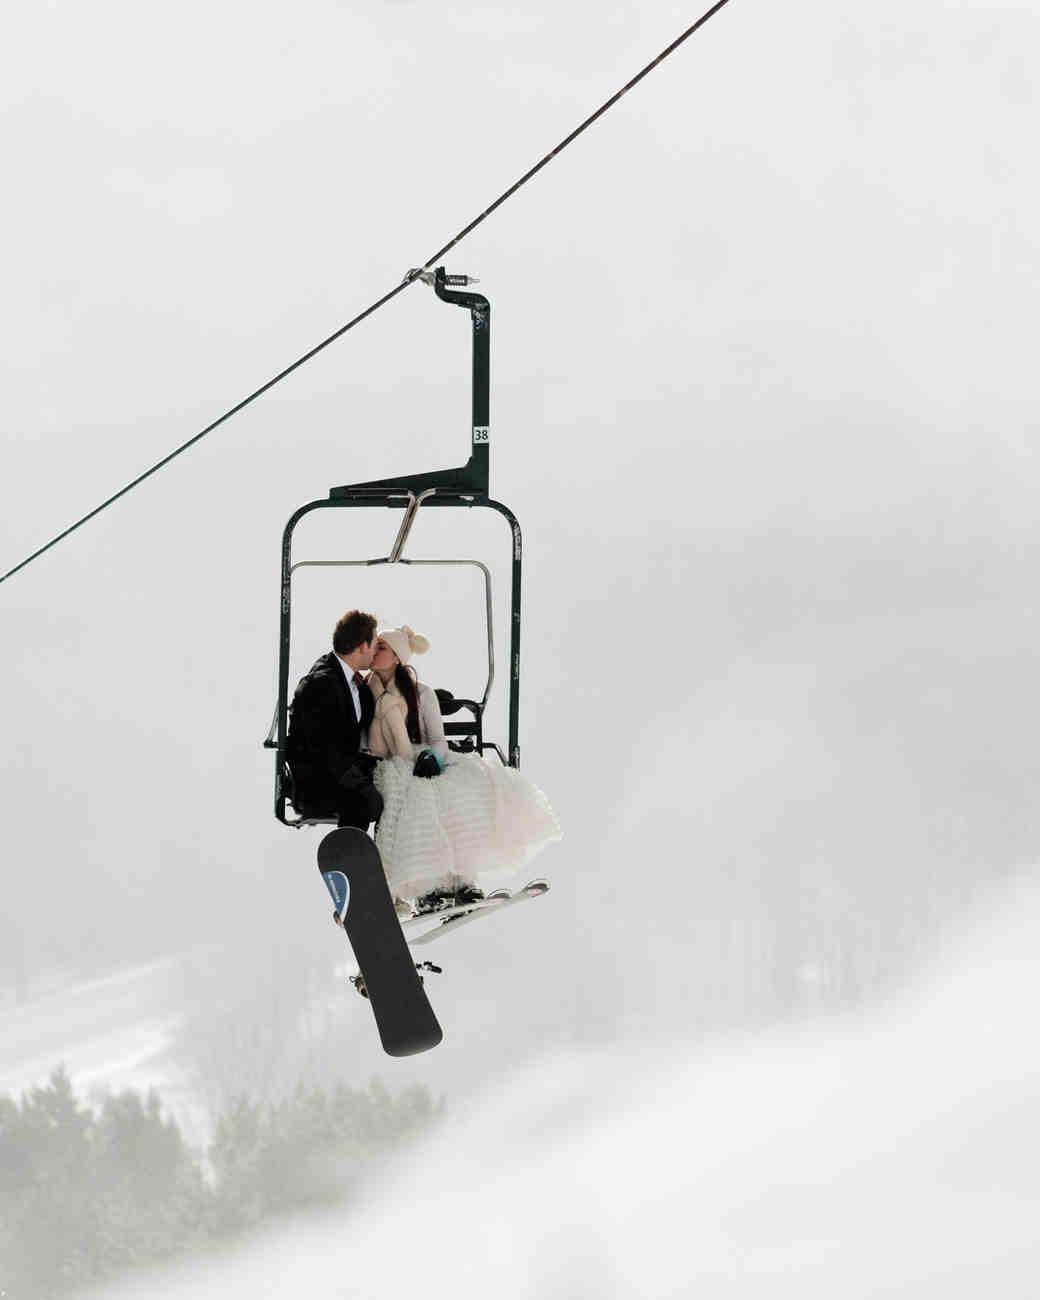 lauren and christian kissing on ski lift